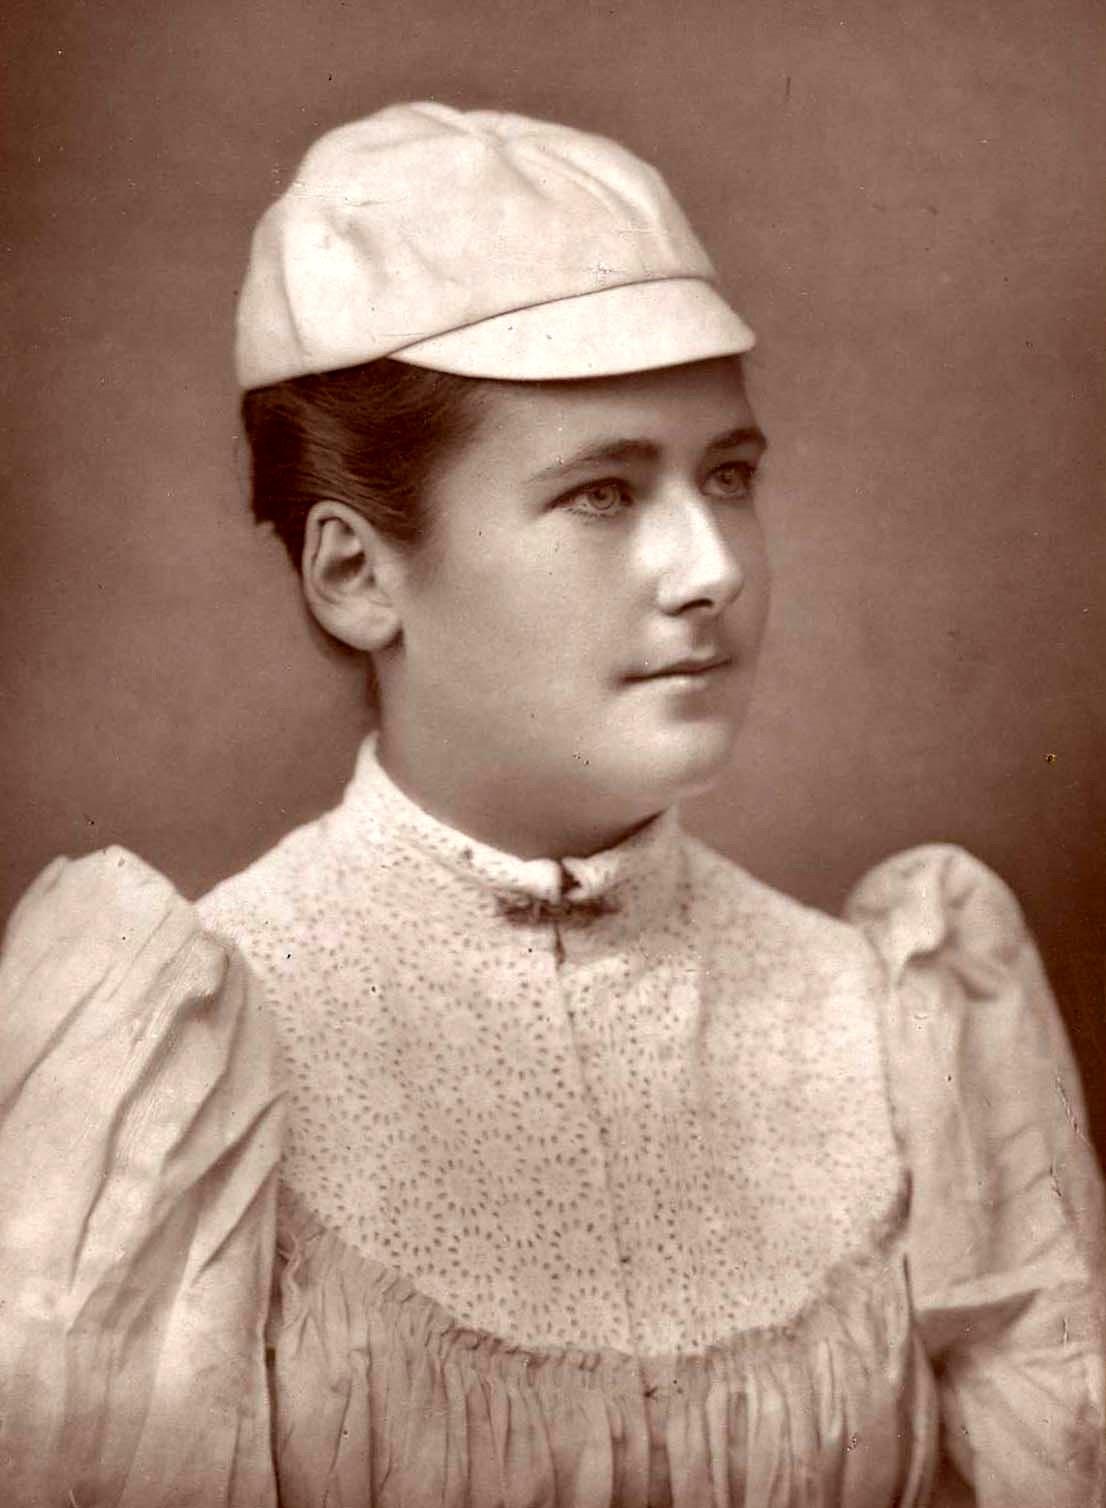 Depiction of Lottie Dod